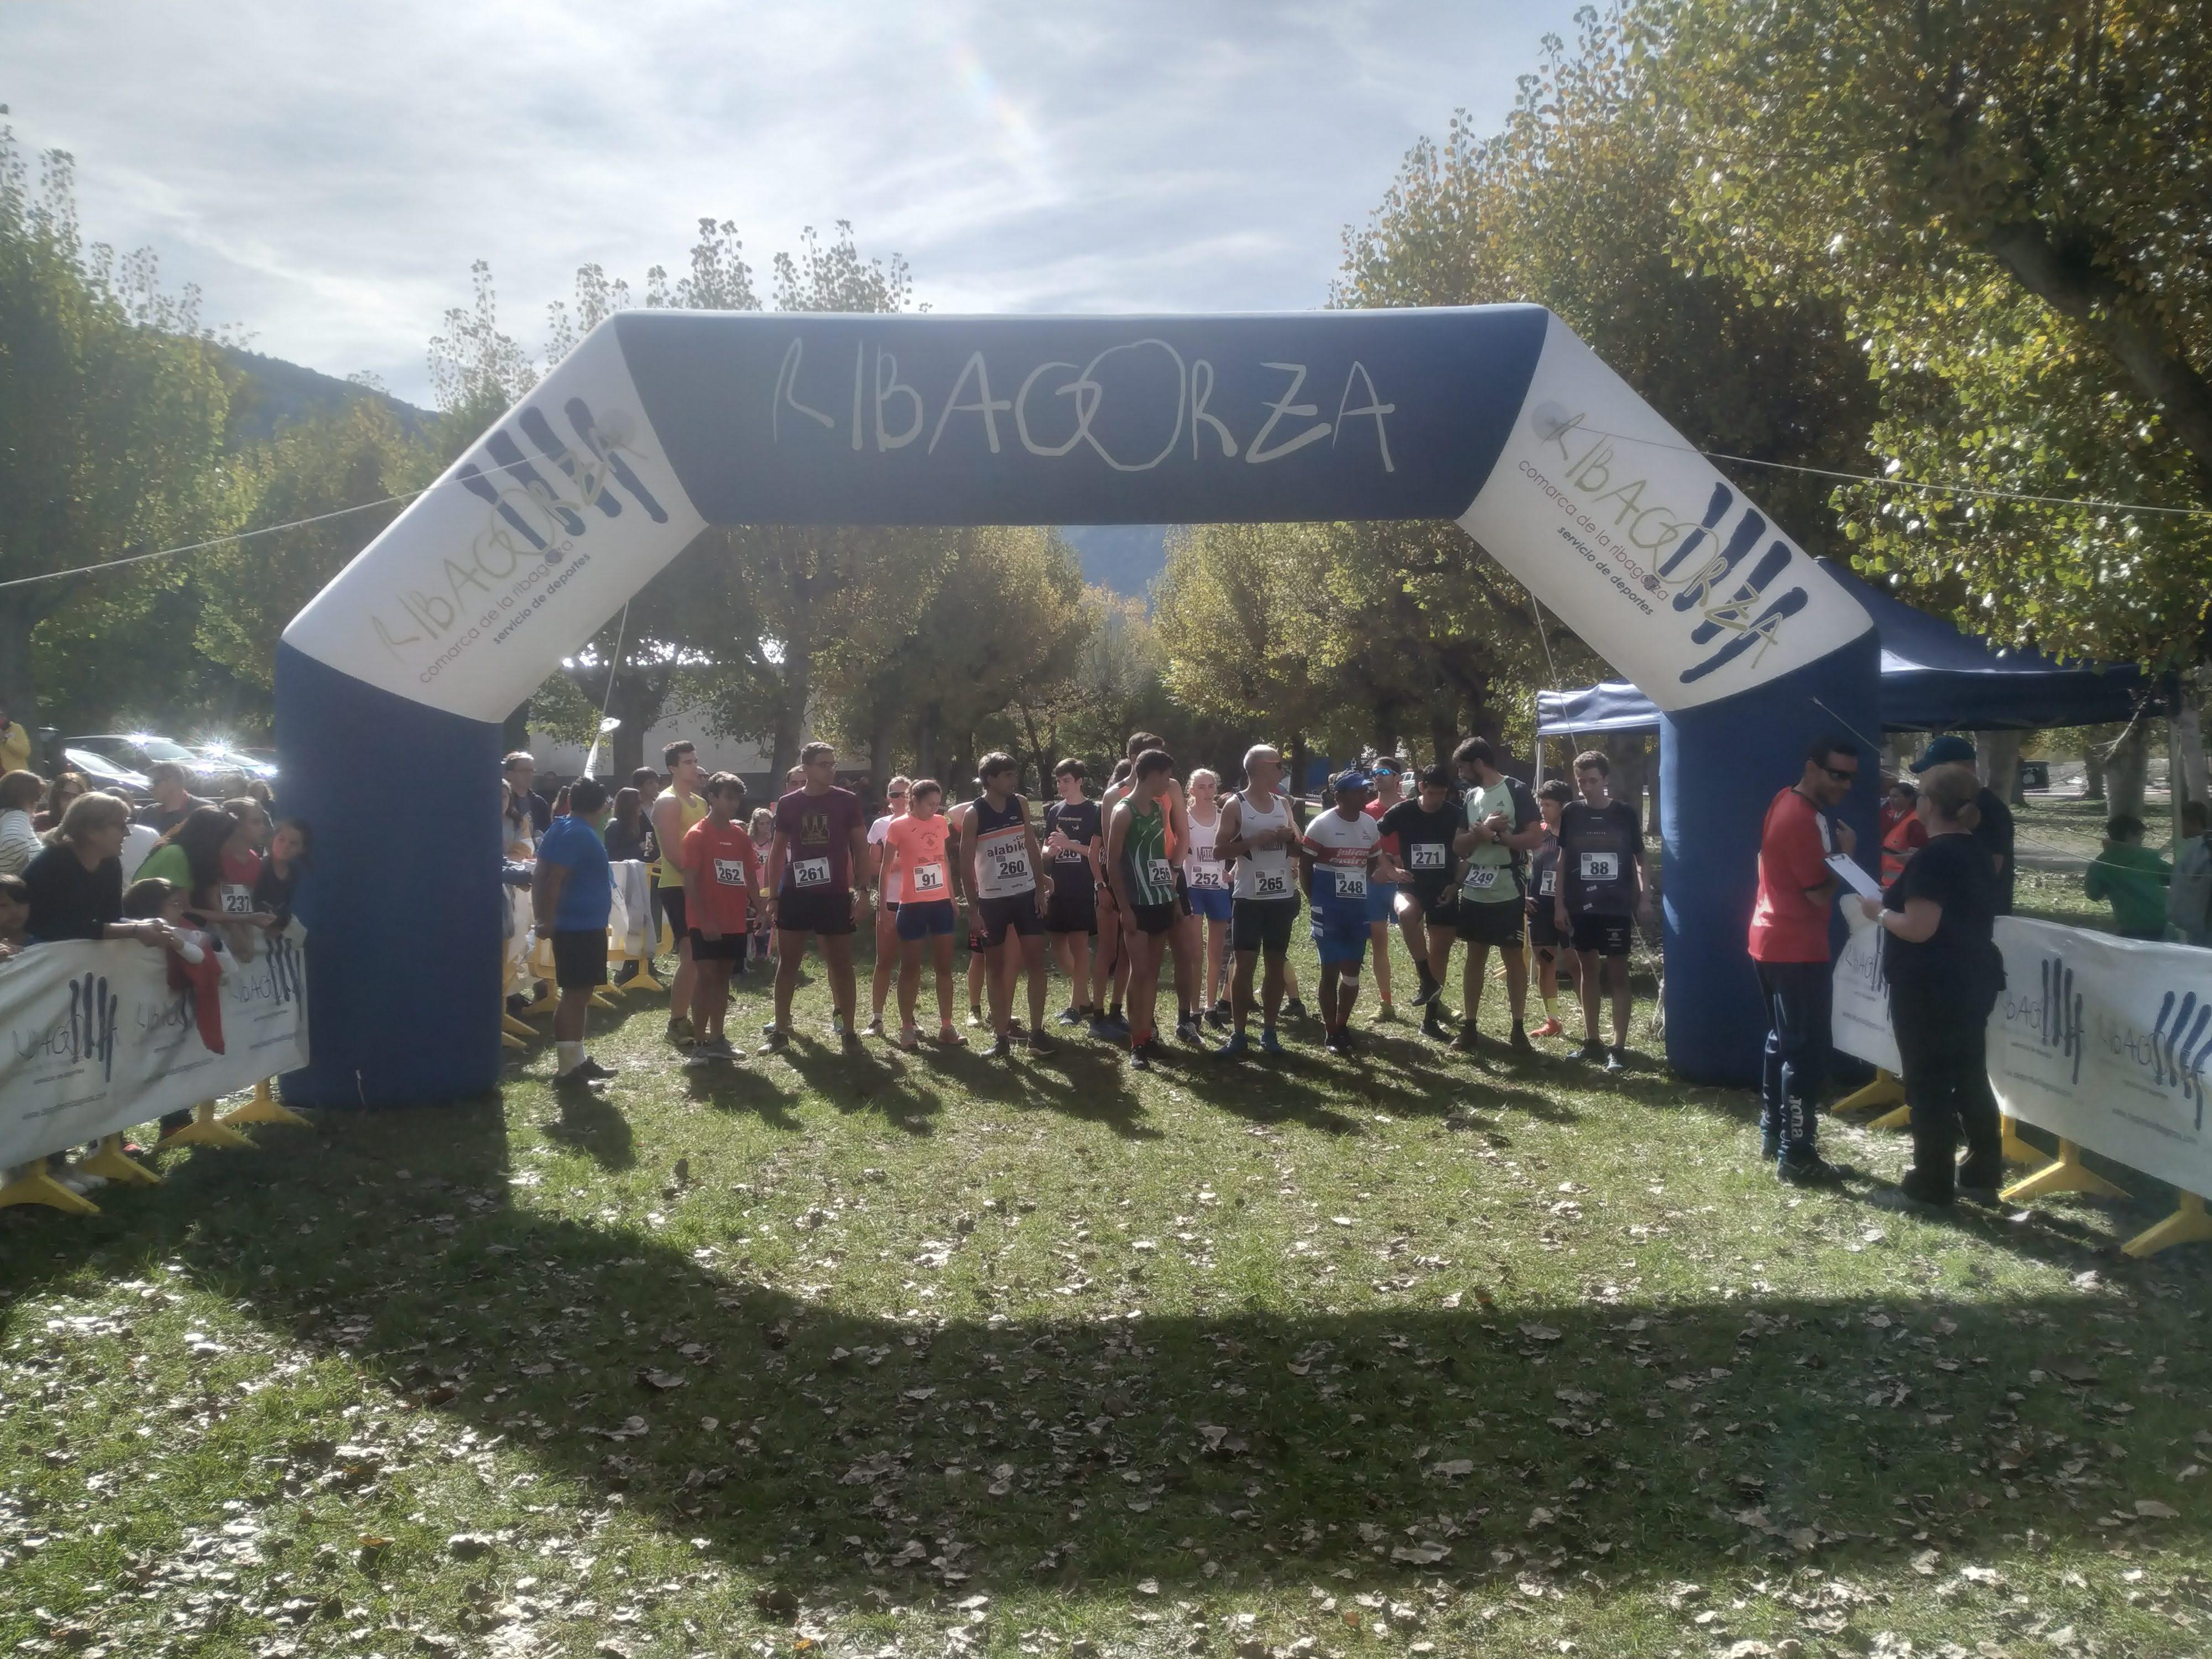 Gran arranque de la temporada de cross de Ribagorza en Castejón de Sos